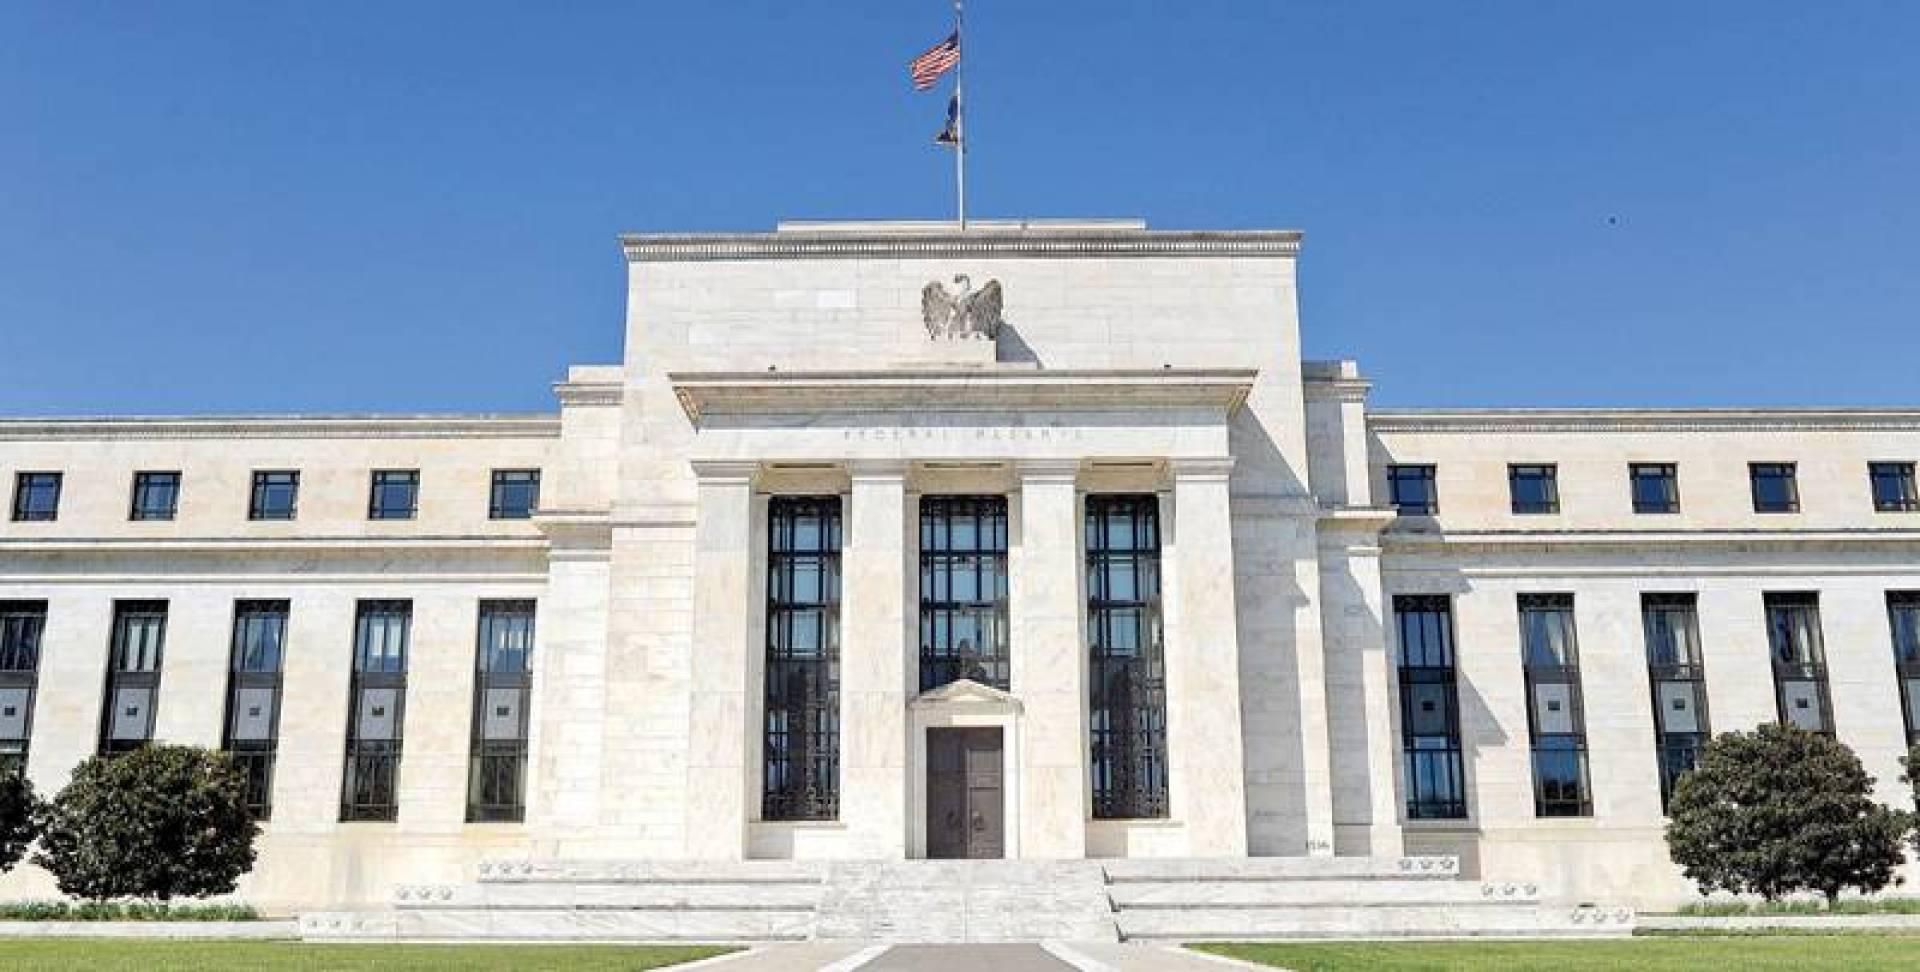 تزايد احتمال خفض الفائدة خلال الشهر الجاري إلى %75